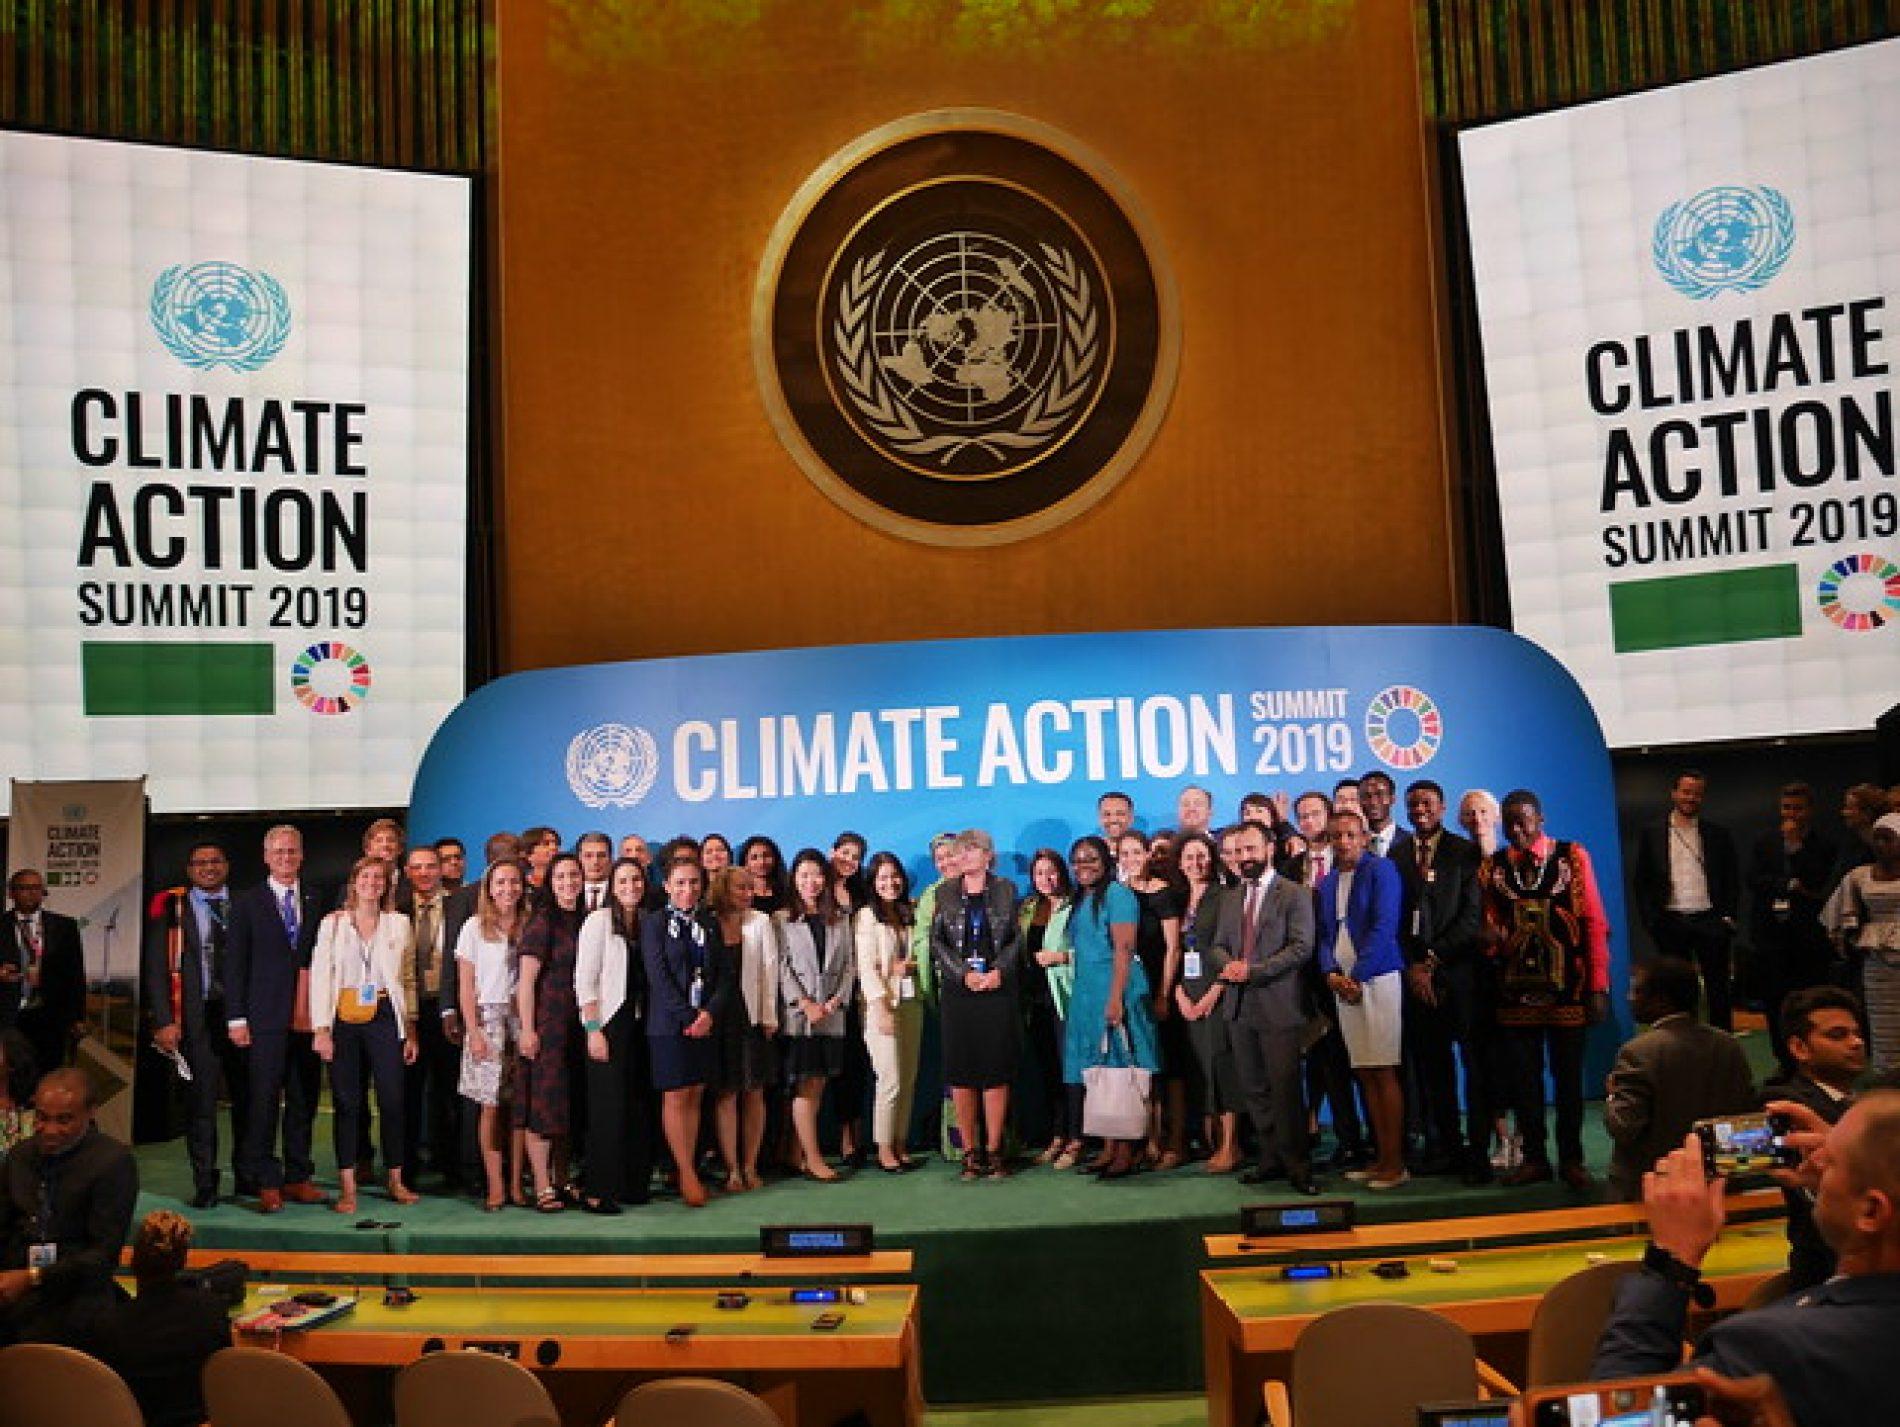 Réchauffement climatique : l'inaction aura un coût élevé